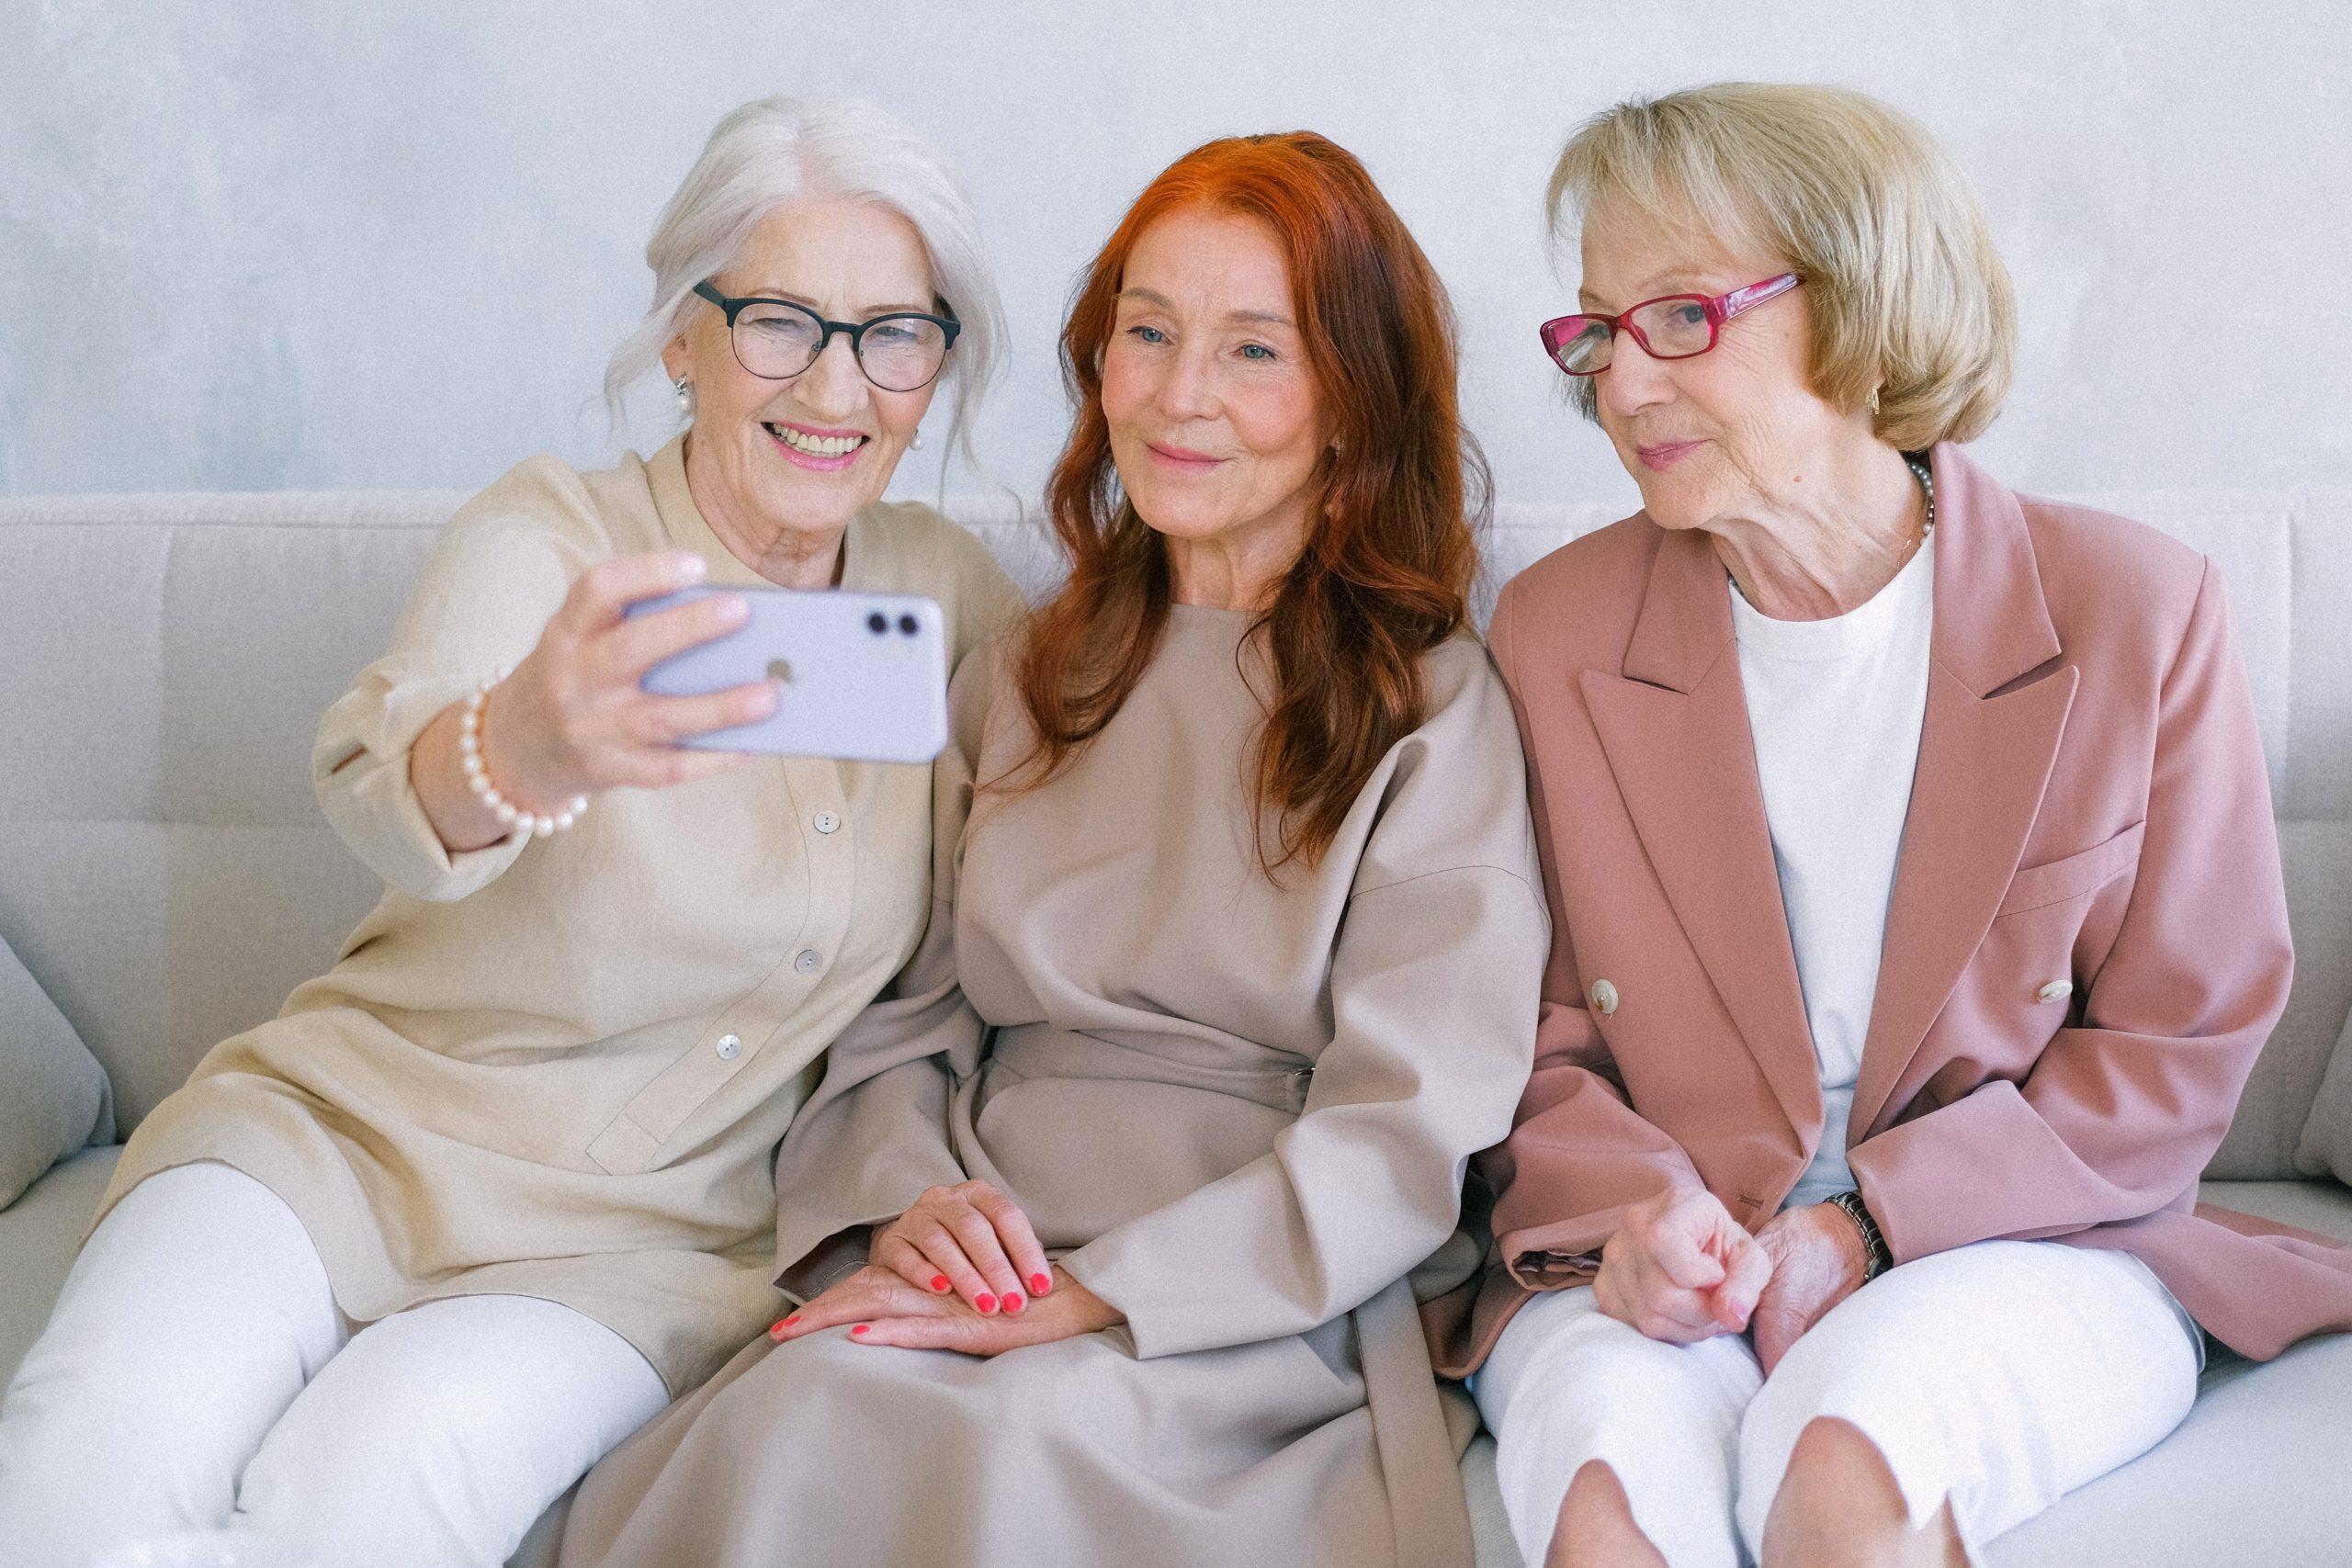 Tres mujeres mayores tomando una selfie